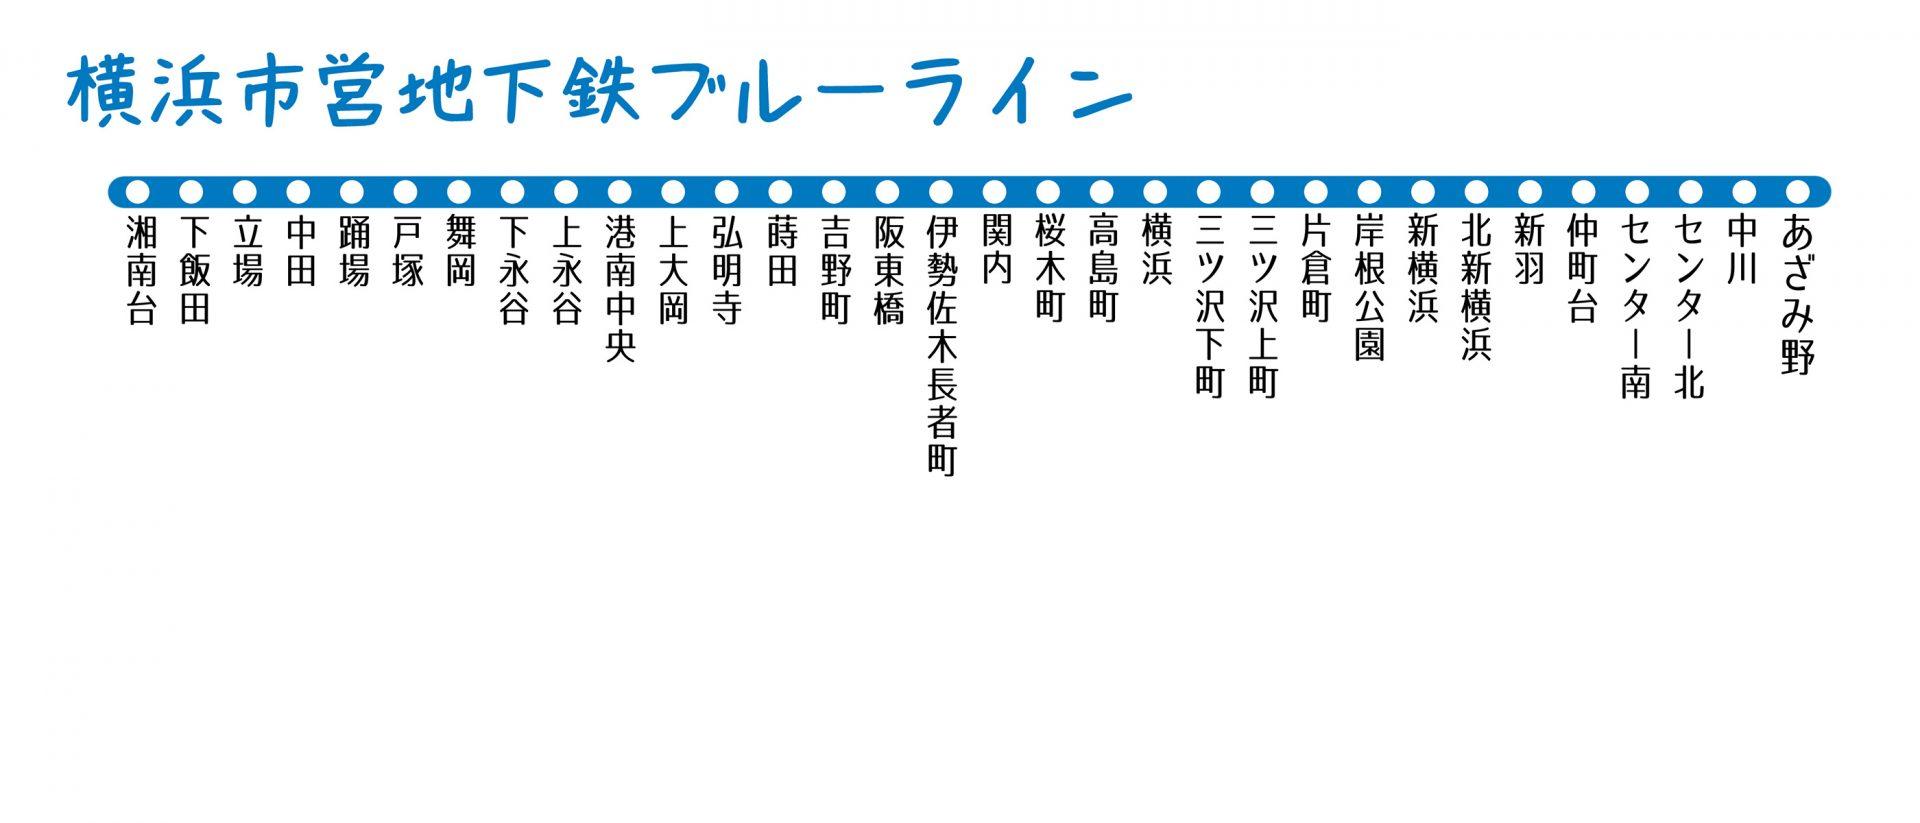 【横浜市営地下鉄ブルーライン】地盤災害ドクターの「災害低リスク」推しステーション